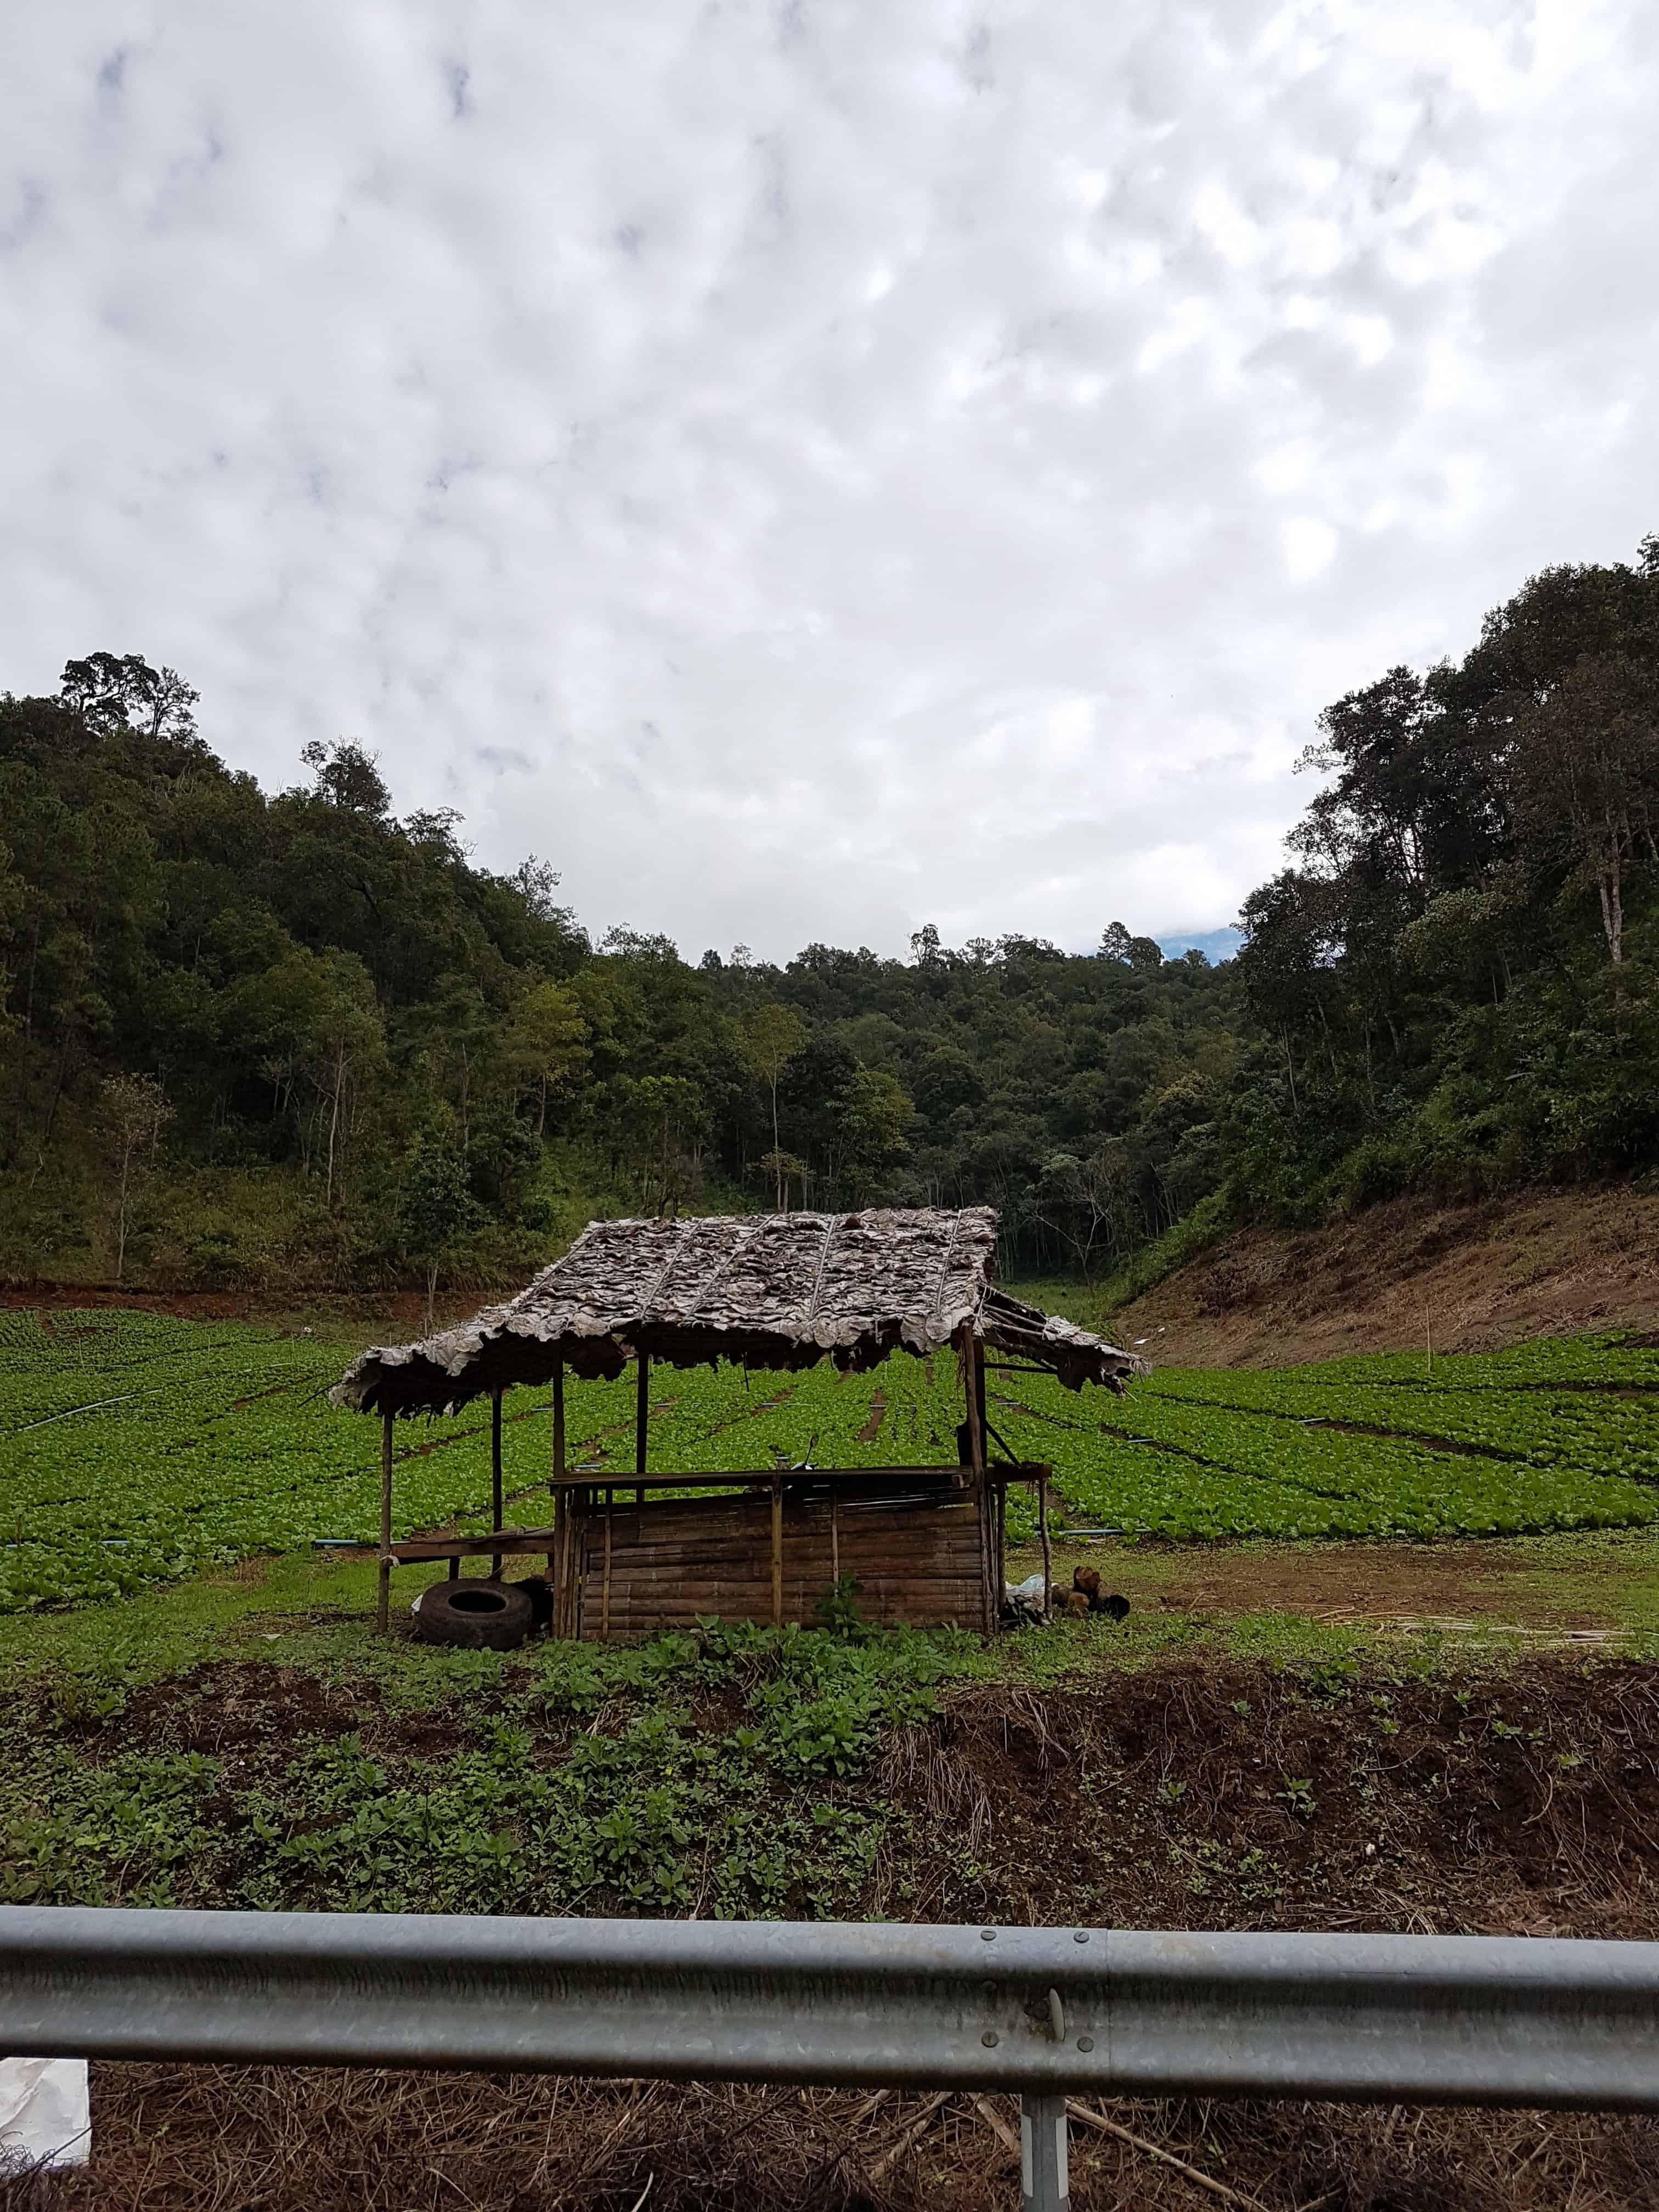 Thaïlande, le Chinese Village et ses cultures de thé 🏯 2